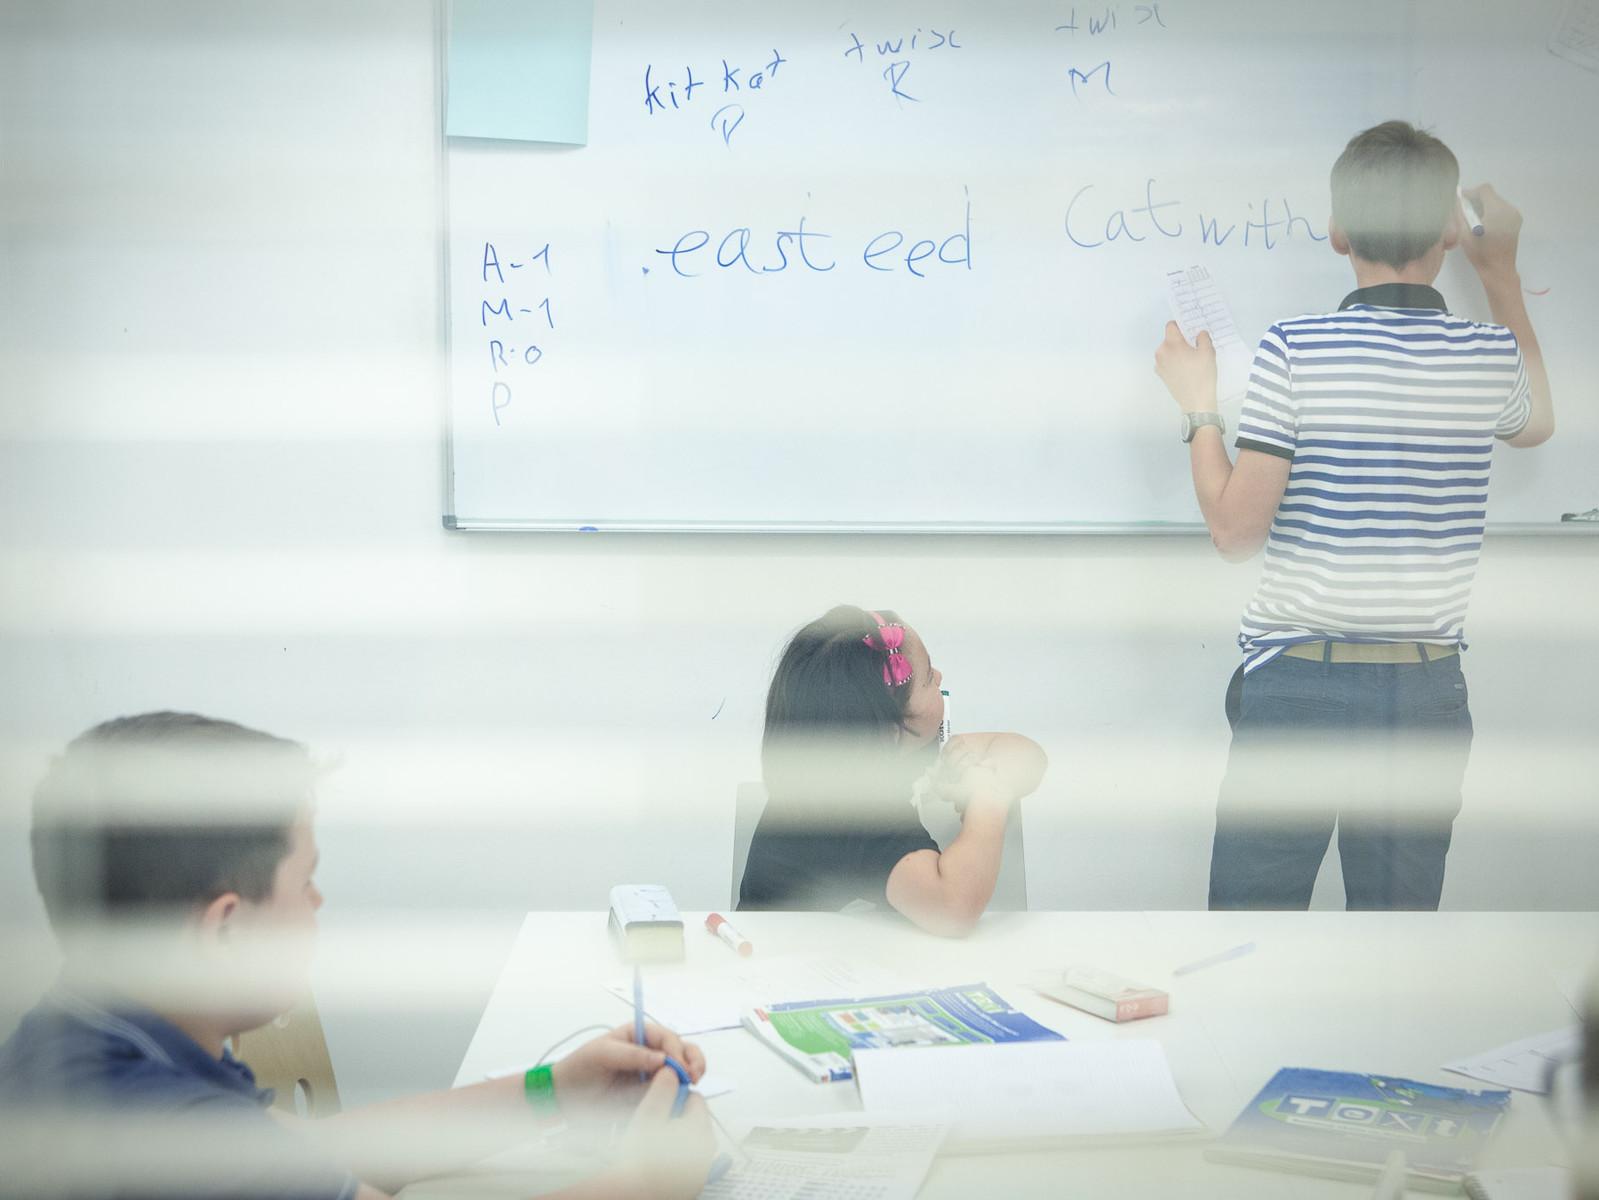 Иван, 9 лет: Британская Школа в Москве